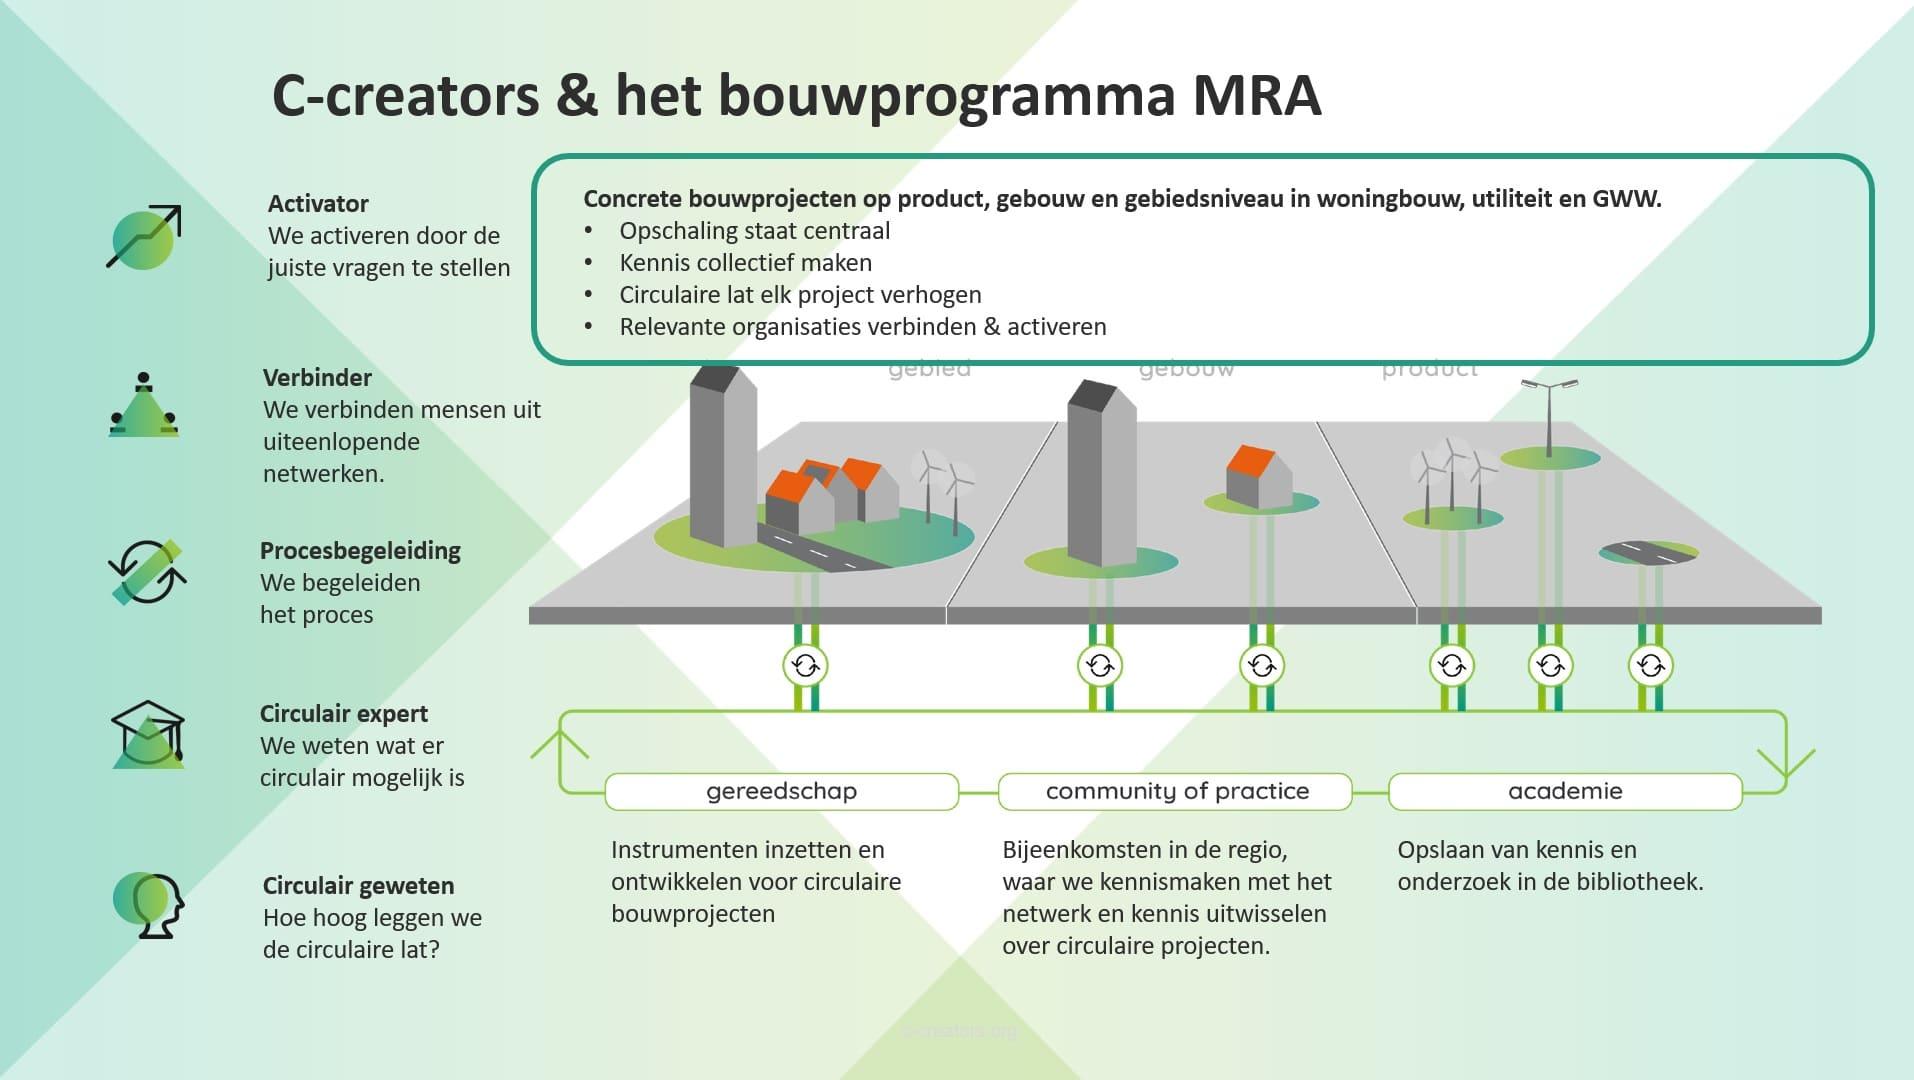 C-creators & het bouwprogramma MRA